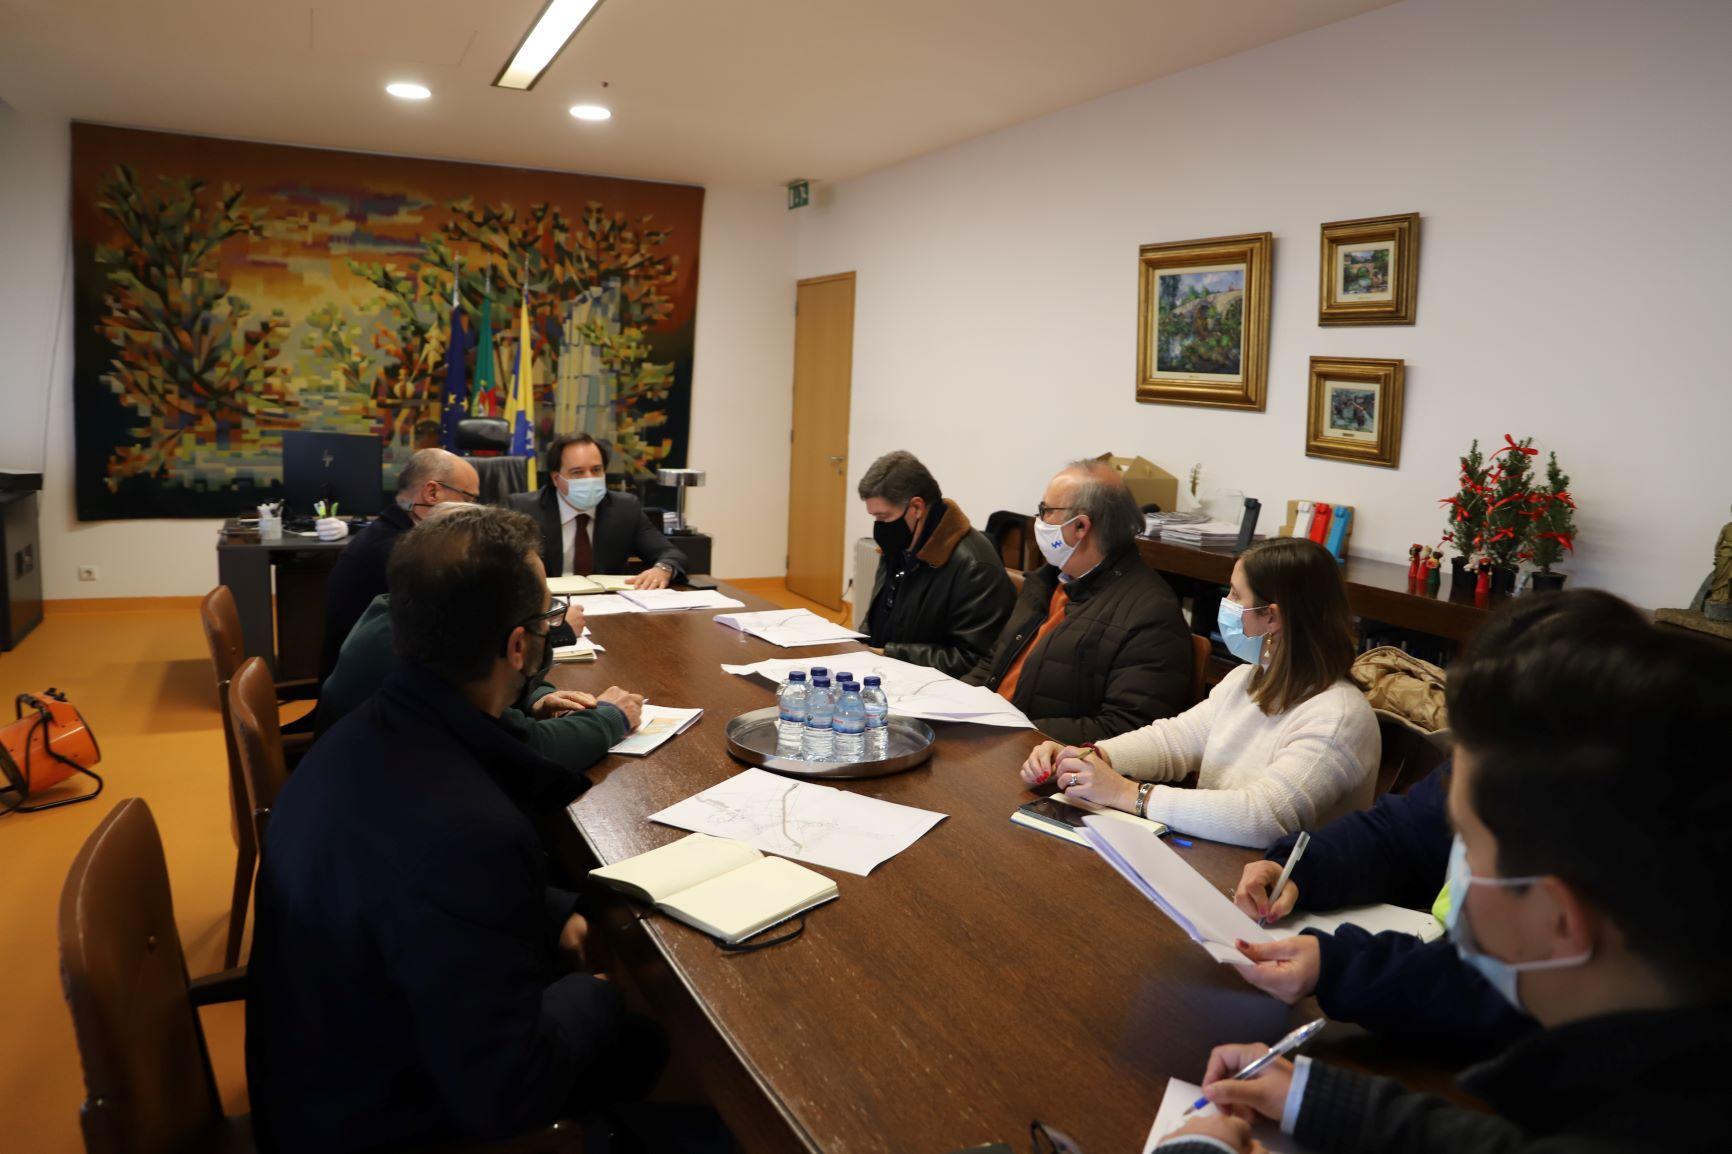 CÂMARA PREPARA INTERVENÇÕES NAS INFRAESTRUTURAS PARA OBRA DE REQUALIFICAÇÃO DA RUA DR. ABÍLIO TORRES